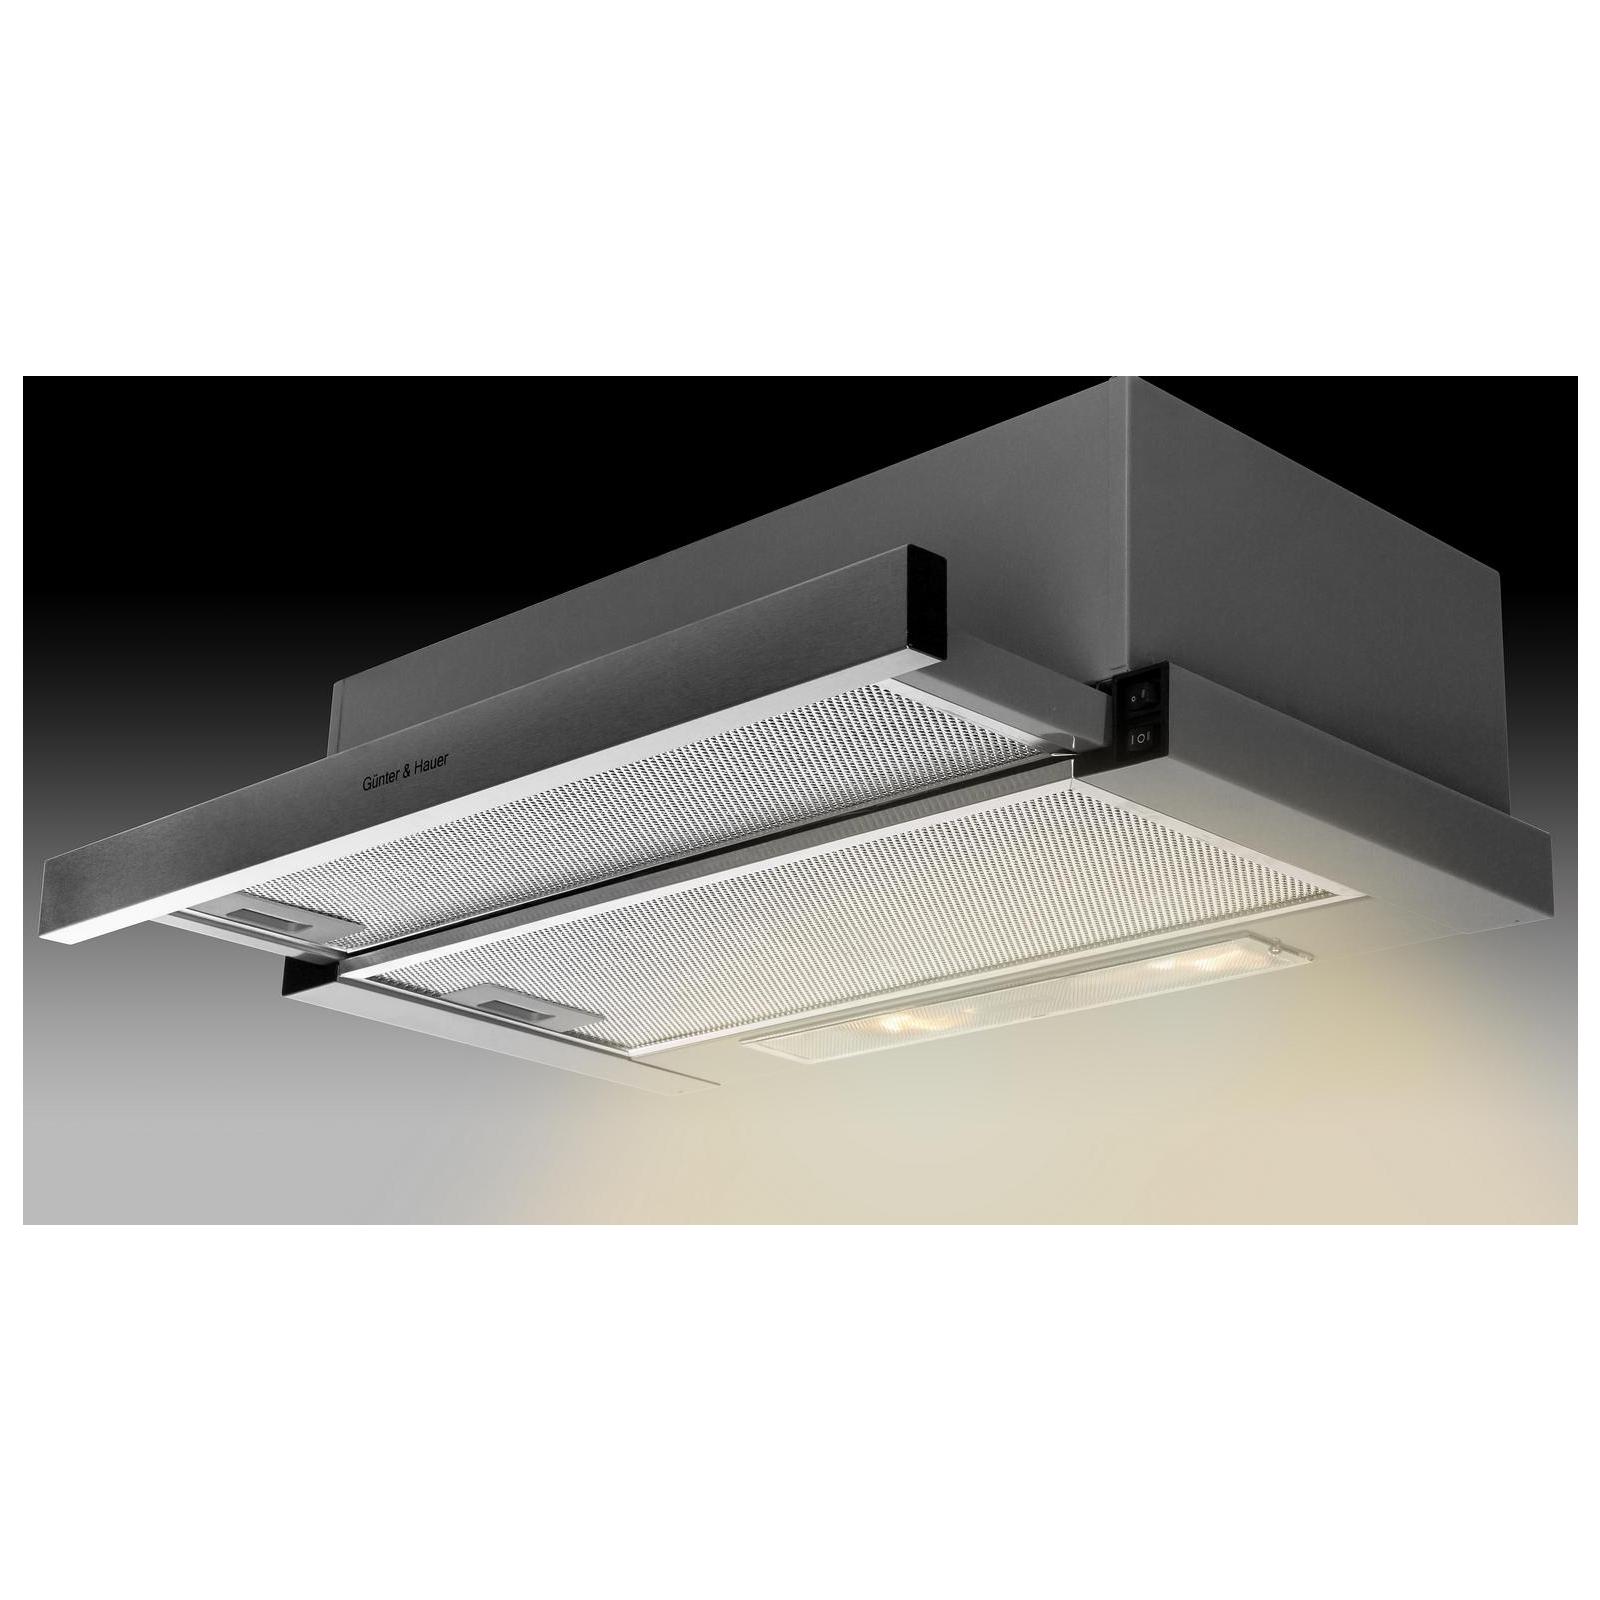 Вытяжка кухонная GUNTER&HAUER AGNA 560 IX изображение 4